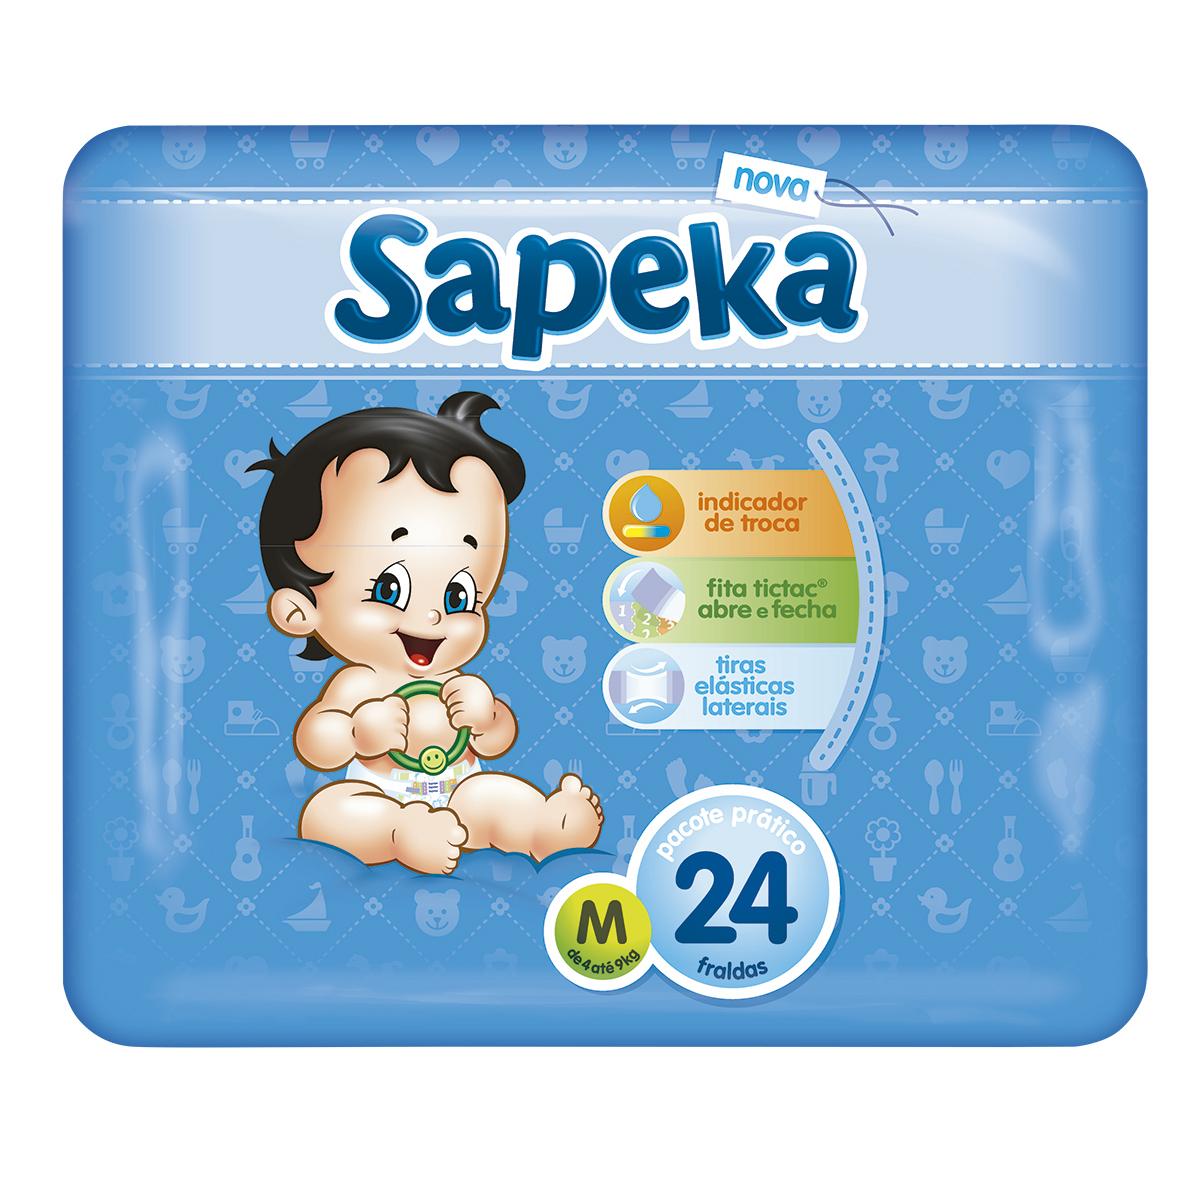 f8189ca51 Fralda SAPEKA Pratica Média com 24 Unidades